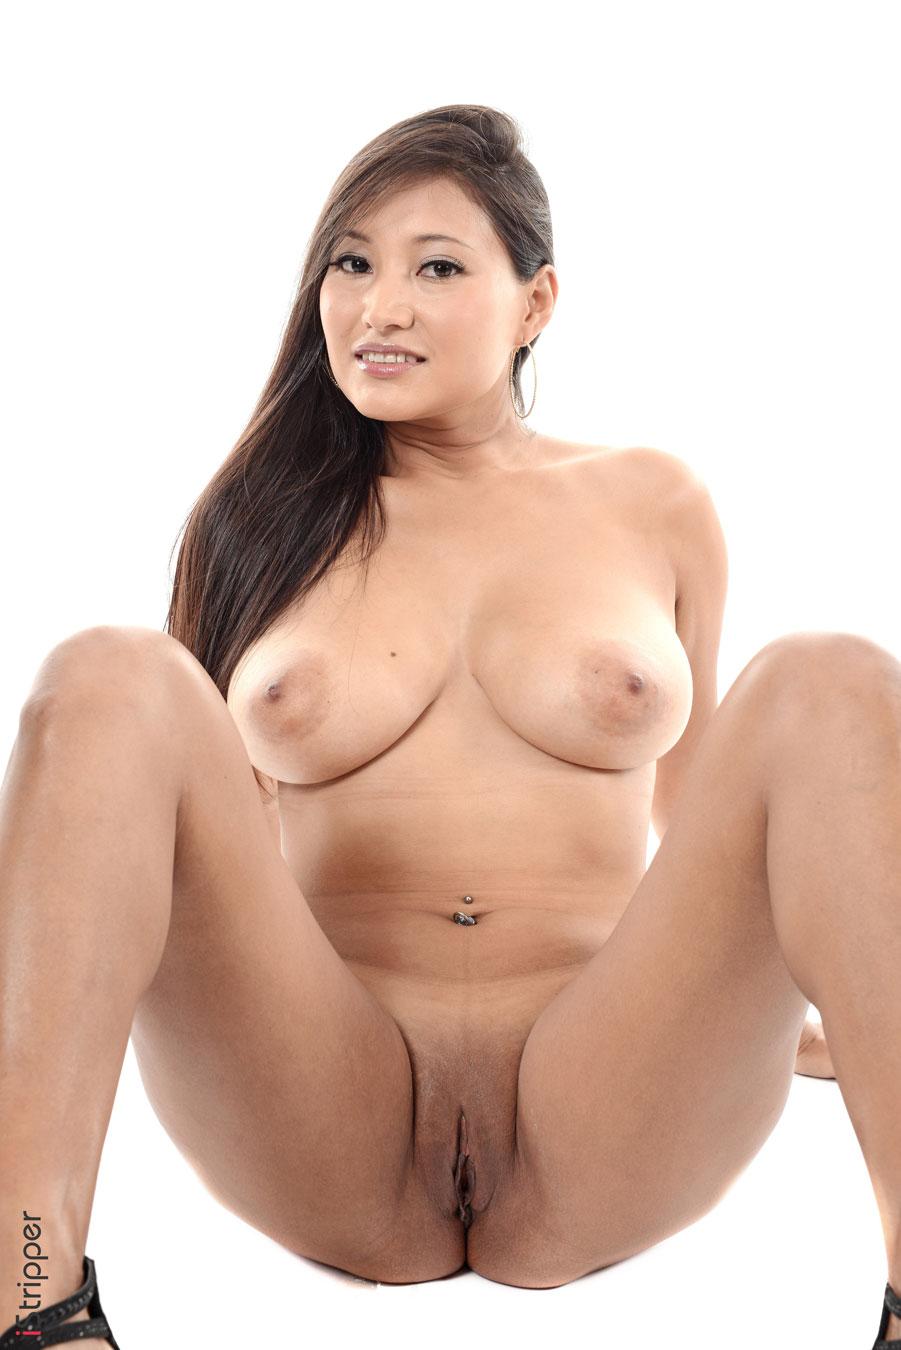 cristina miller porn